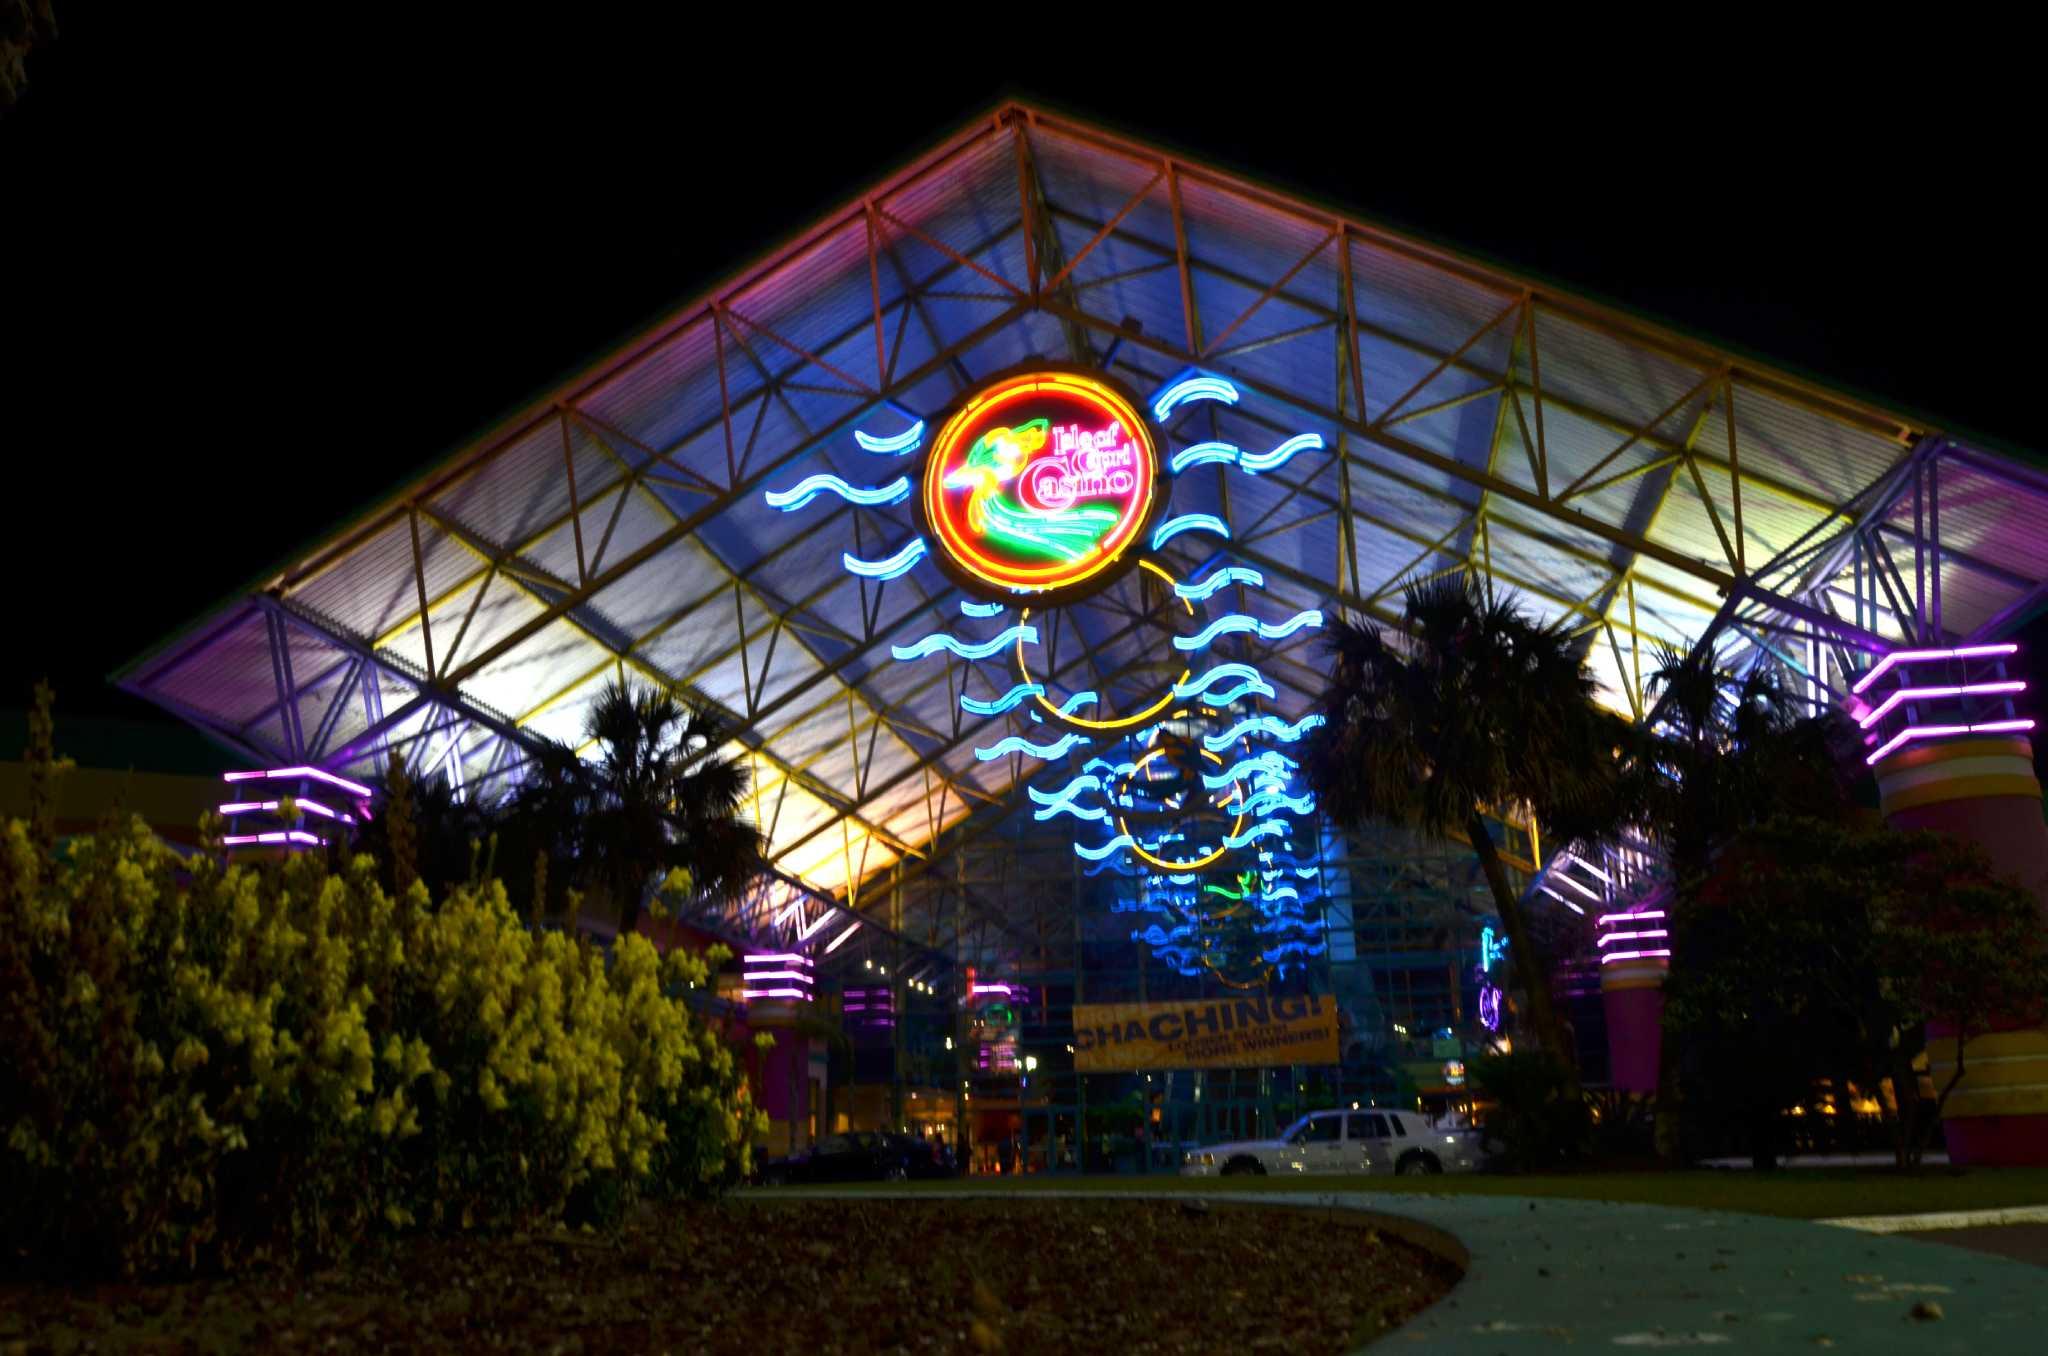 Isle of capri casino lake charles louisiana casino casino online poker slot yourbestonlinecasino.com